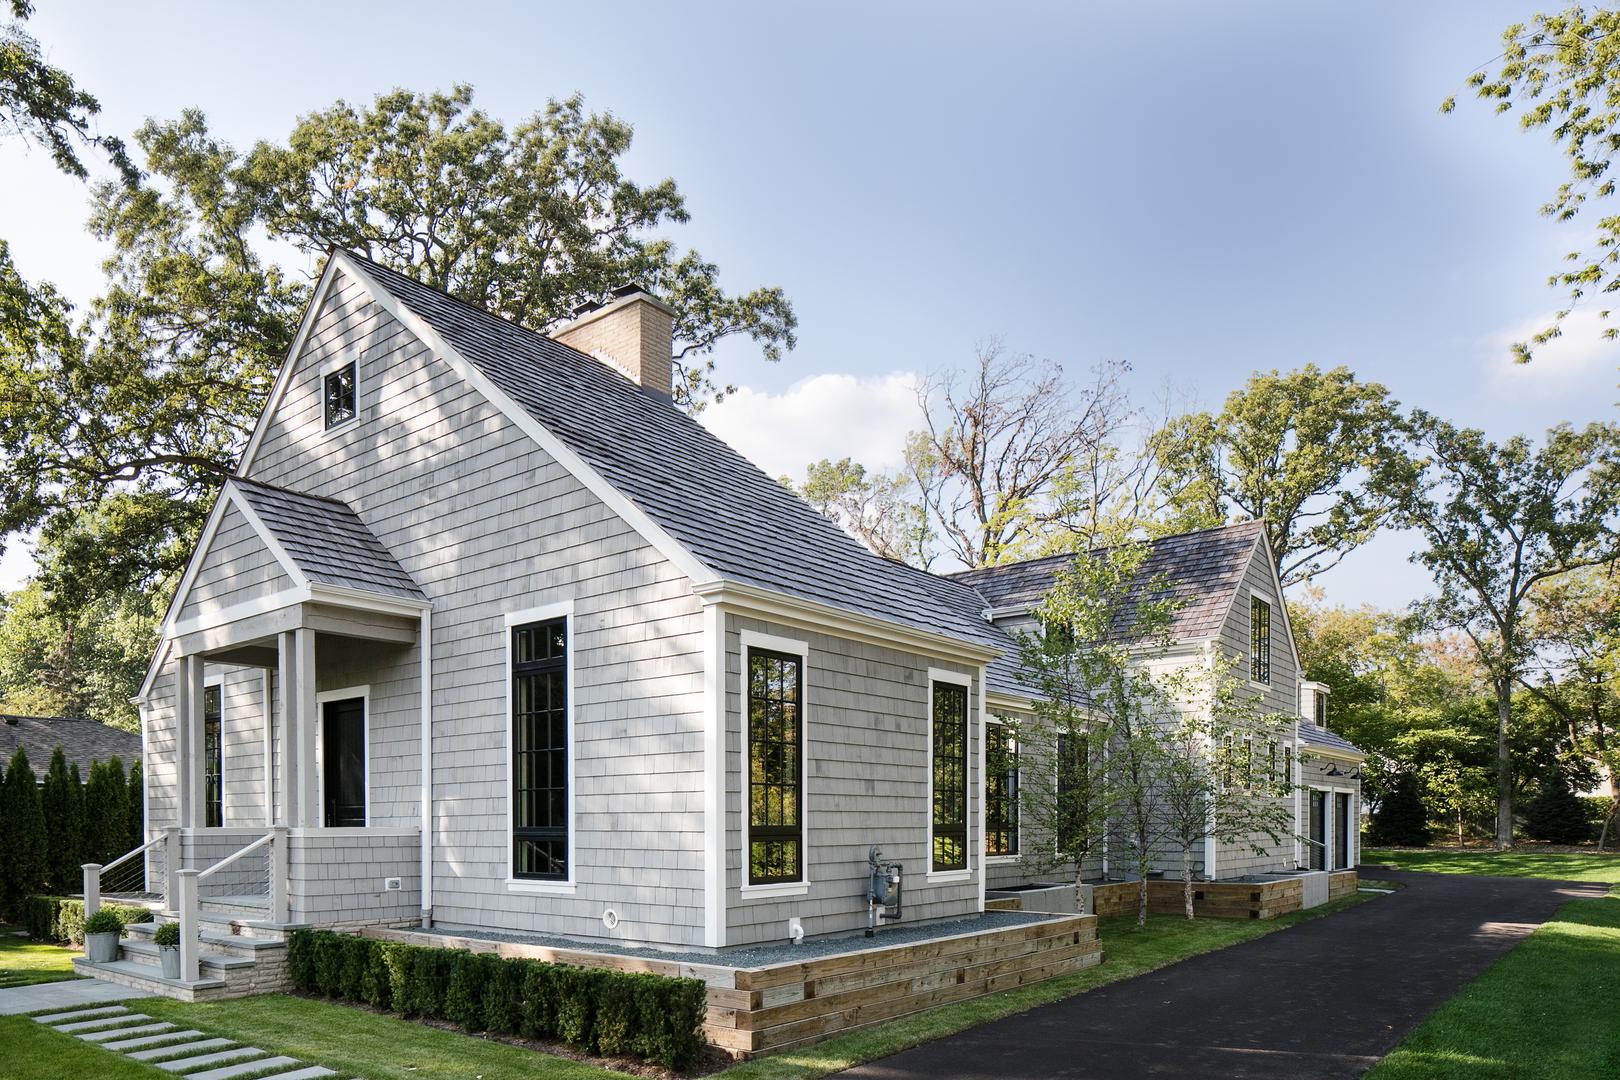 一戸建て のために 売買 アット 700 Green Briar Lane 700 Green Briar Lane Lake Forest, イリノイ,60045 アメリカ合衆国